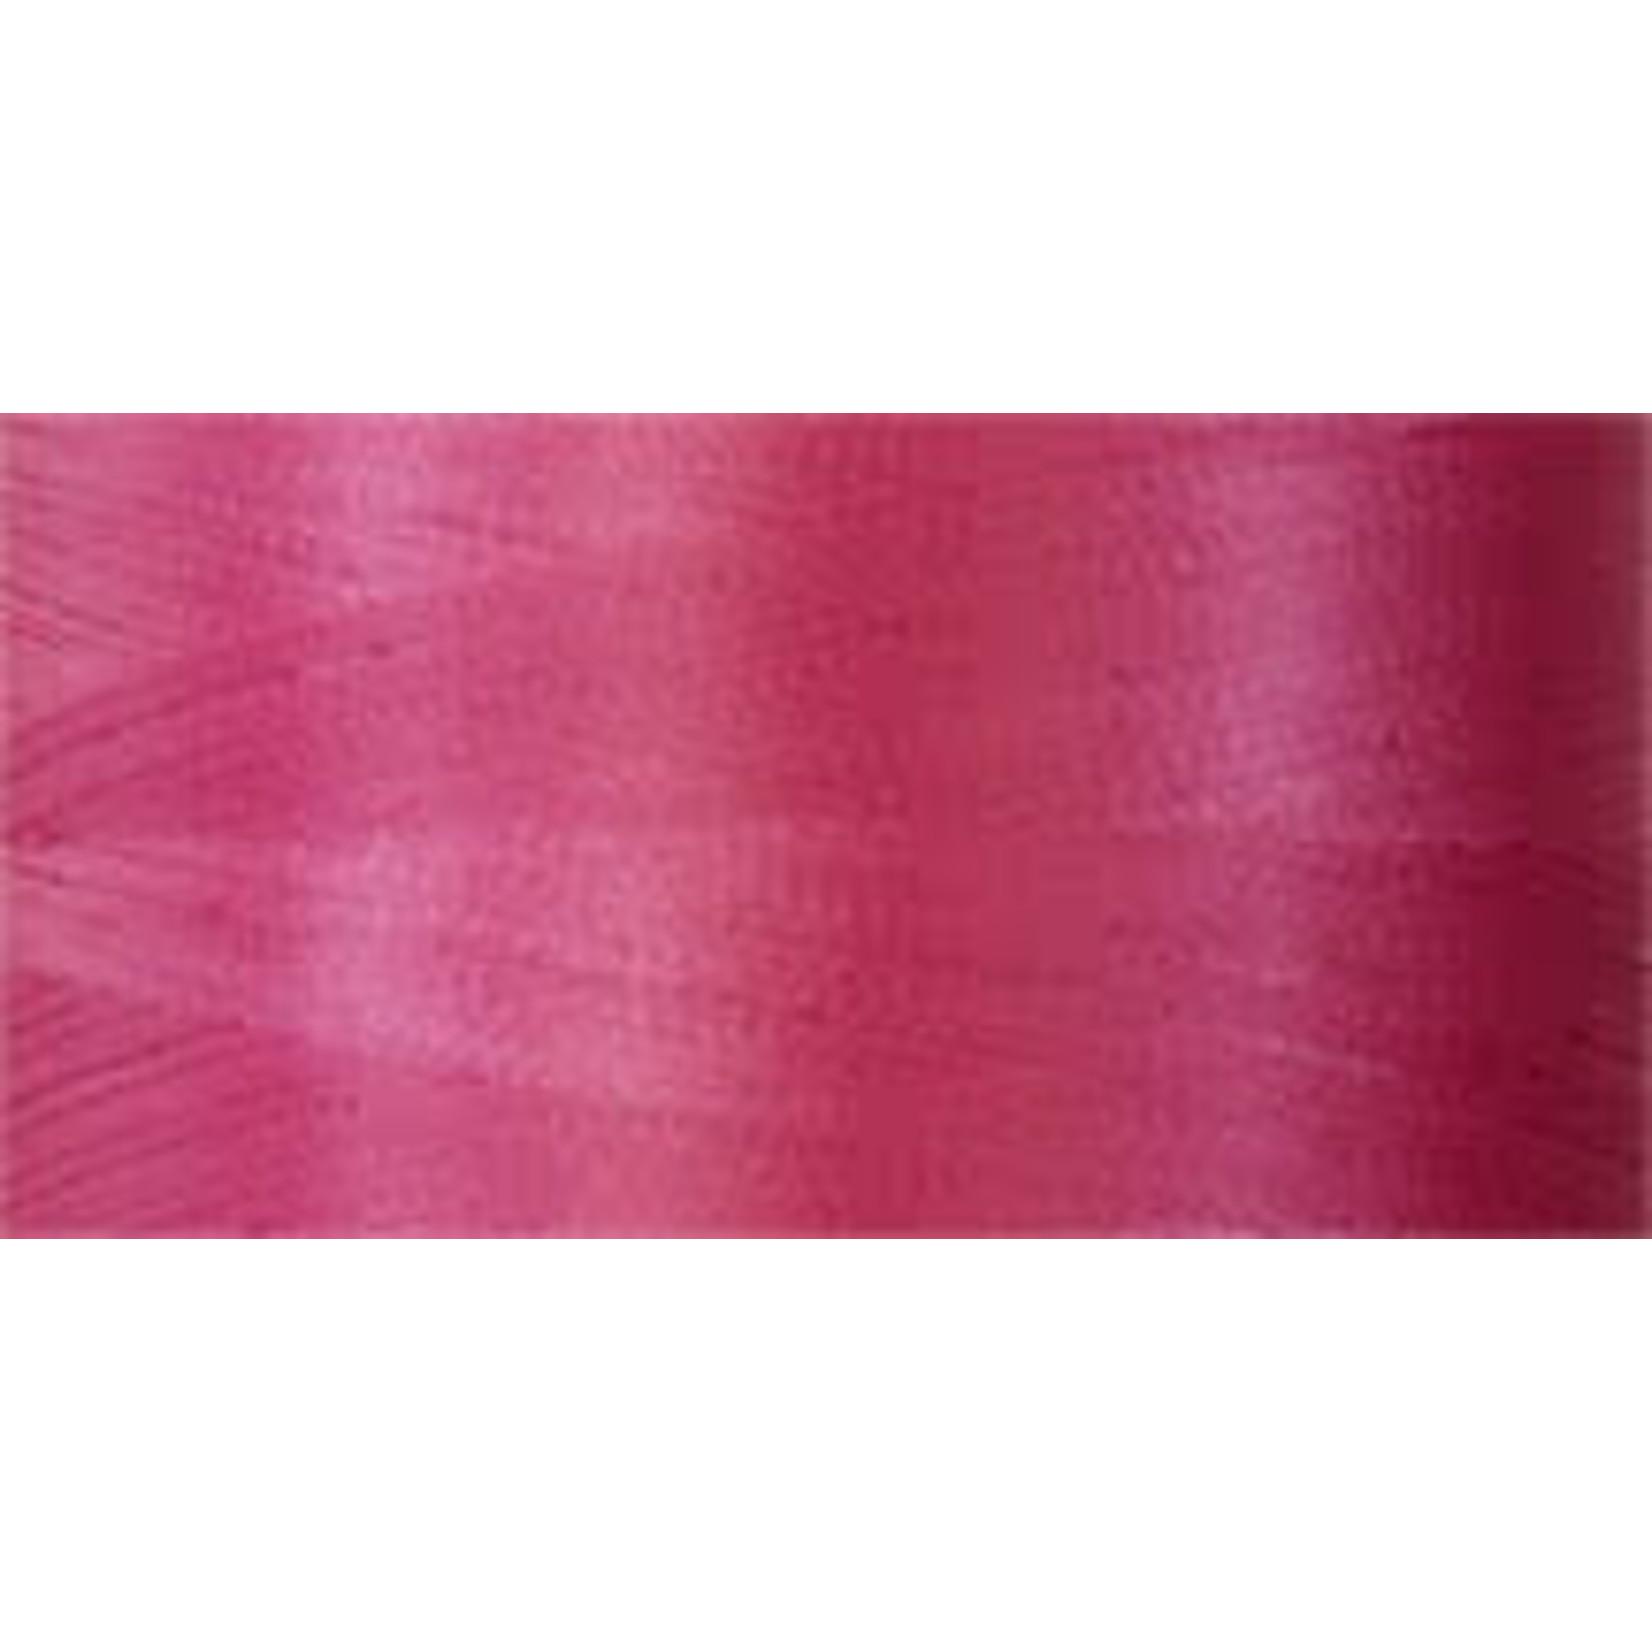 Superior Threads Bottom Line - #60 - 1300 m - 646 Hot Pink